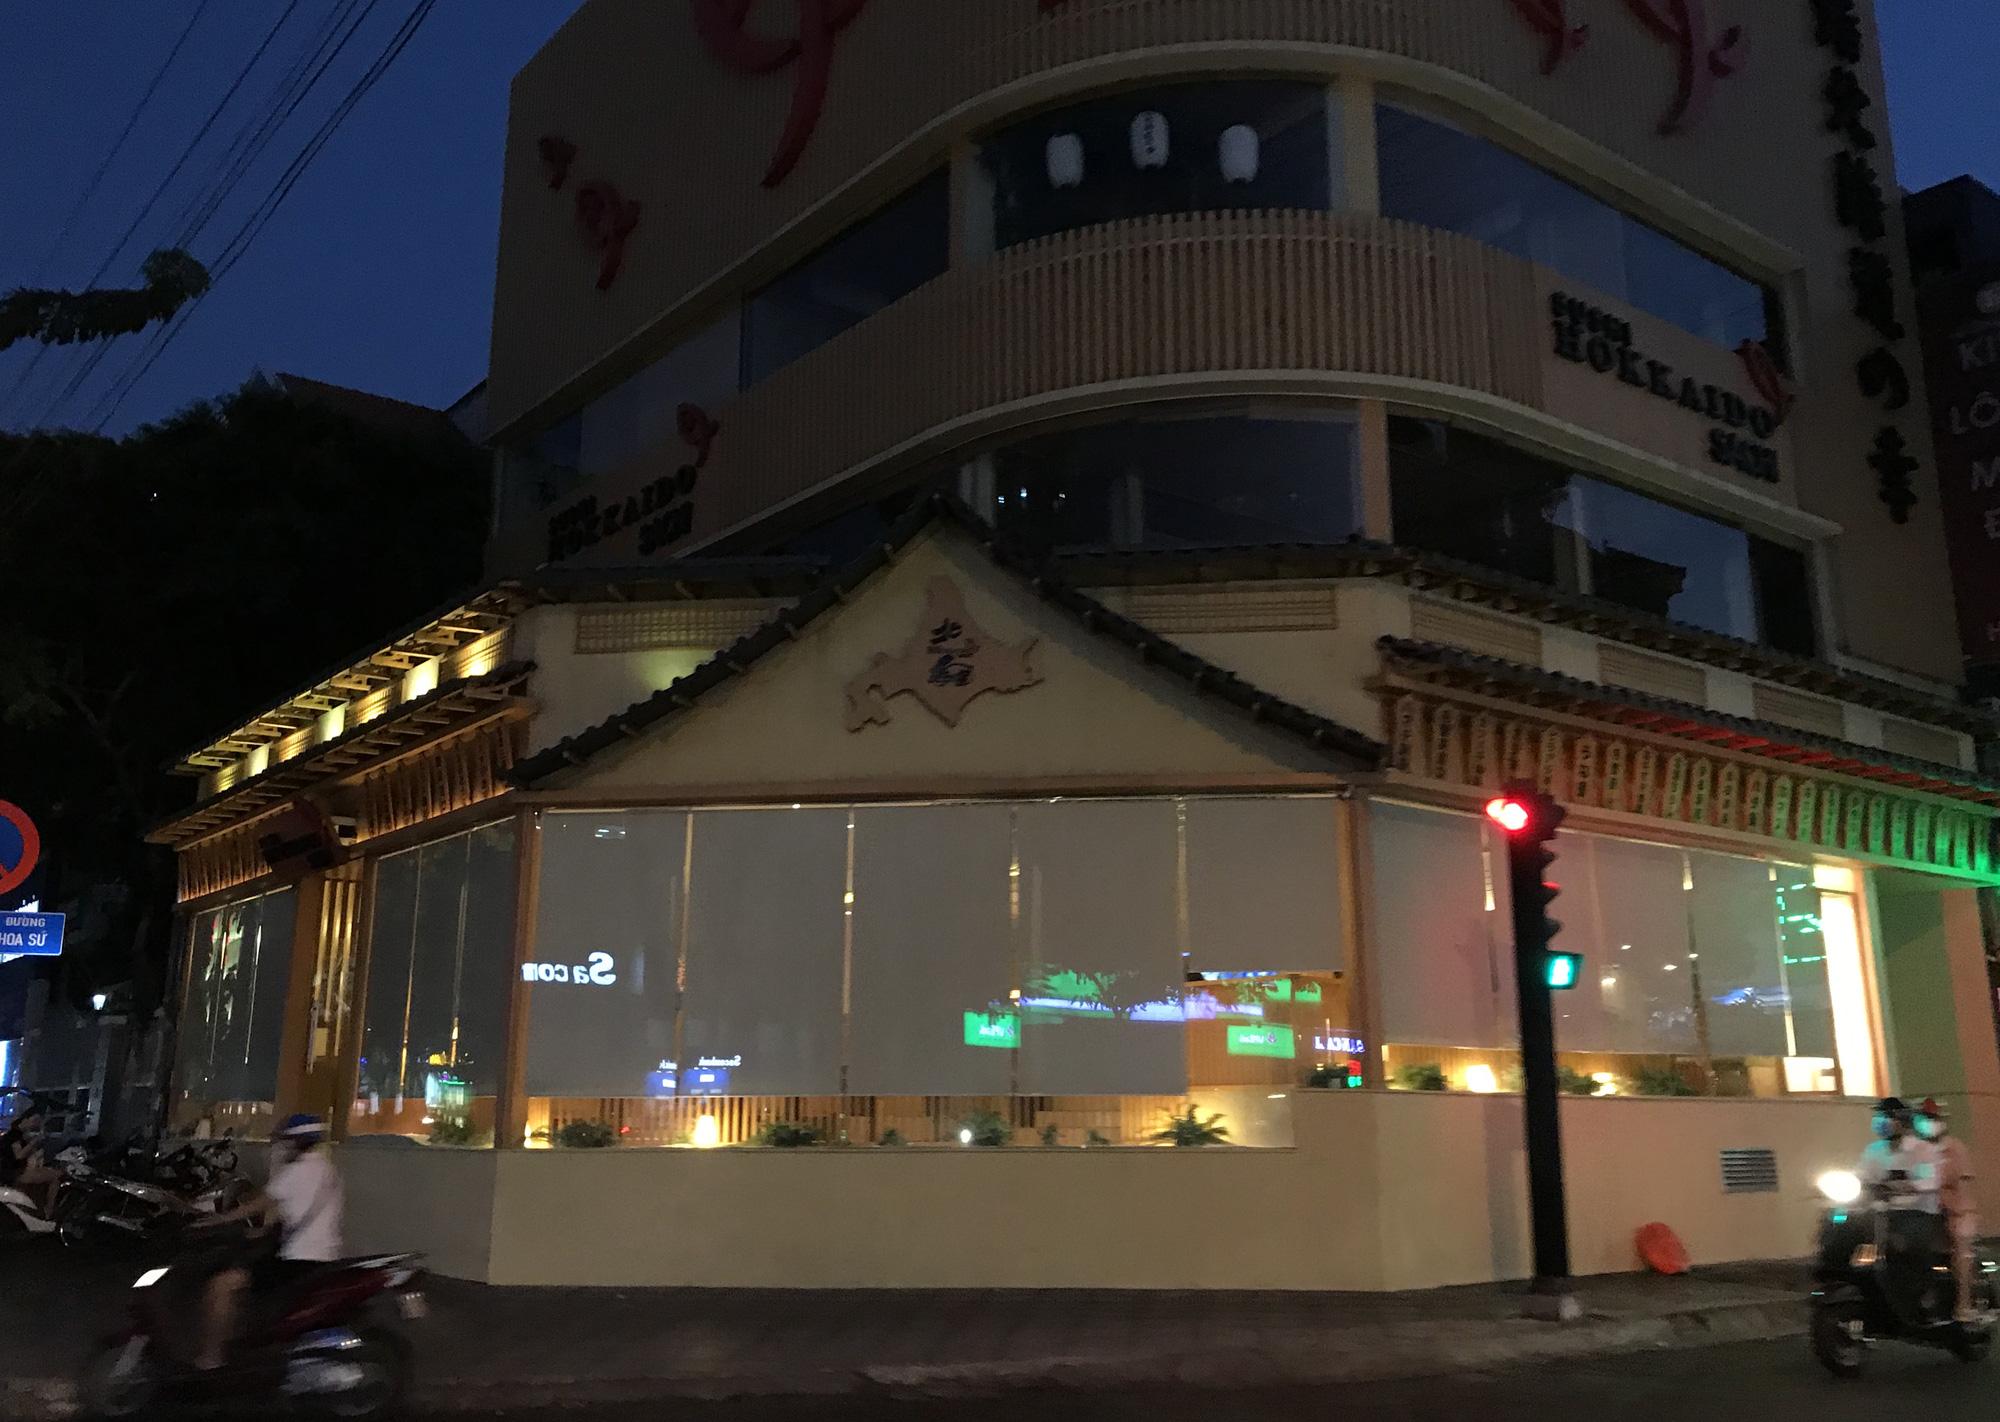 Nhà hàng, quán ăn Sài Gòn vội vàng đóng cửa phòng Covid-19 sau quyết định của UBND TP - Ảnh 9.